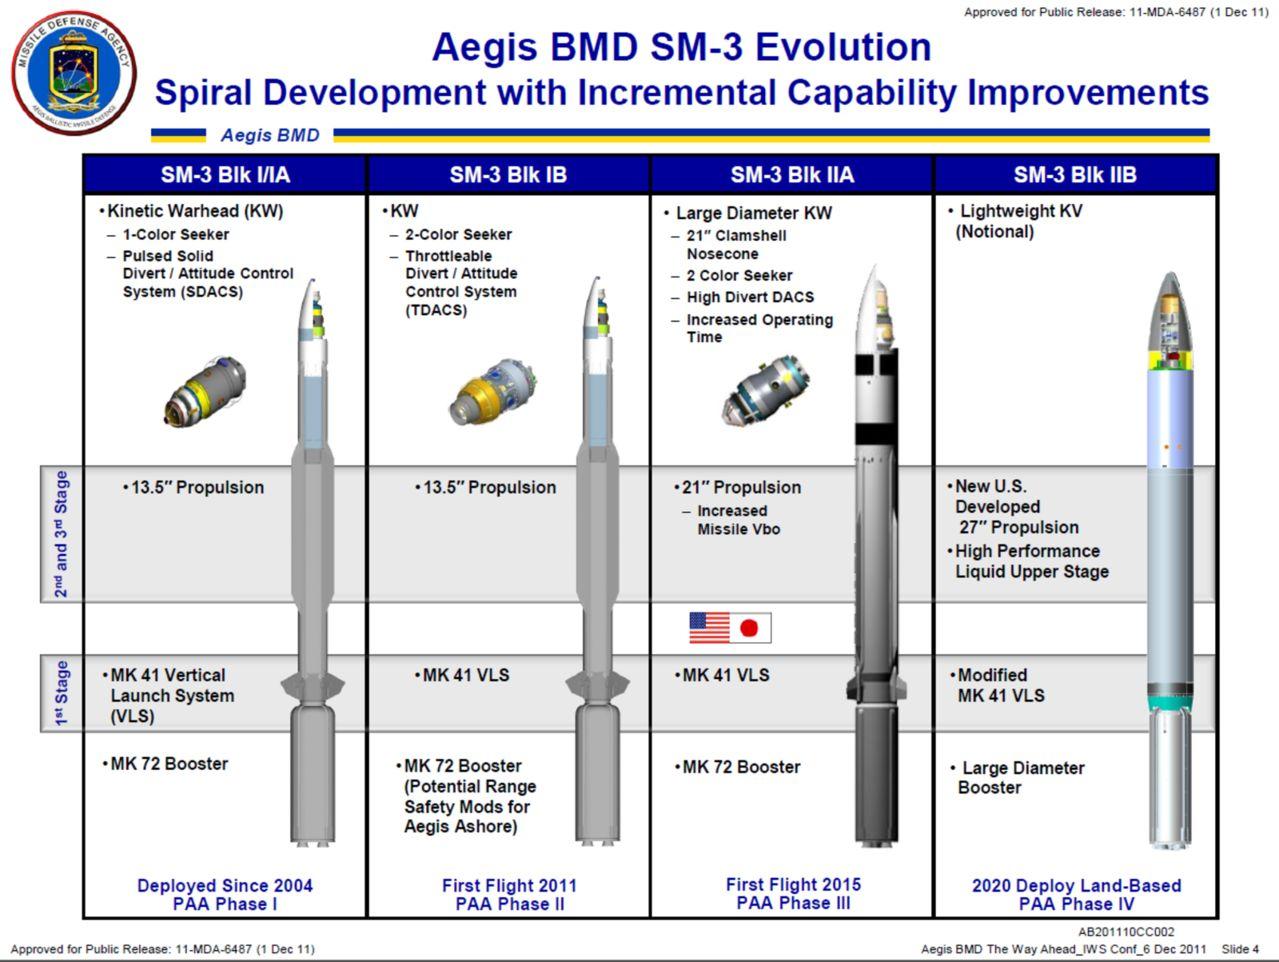 Misiles Aegis - desarrollos compartidos, pruebas, diseños y evoluciones Aegissm_3evolution_JAPANUSA